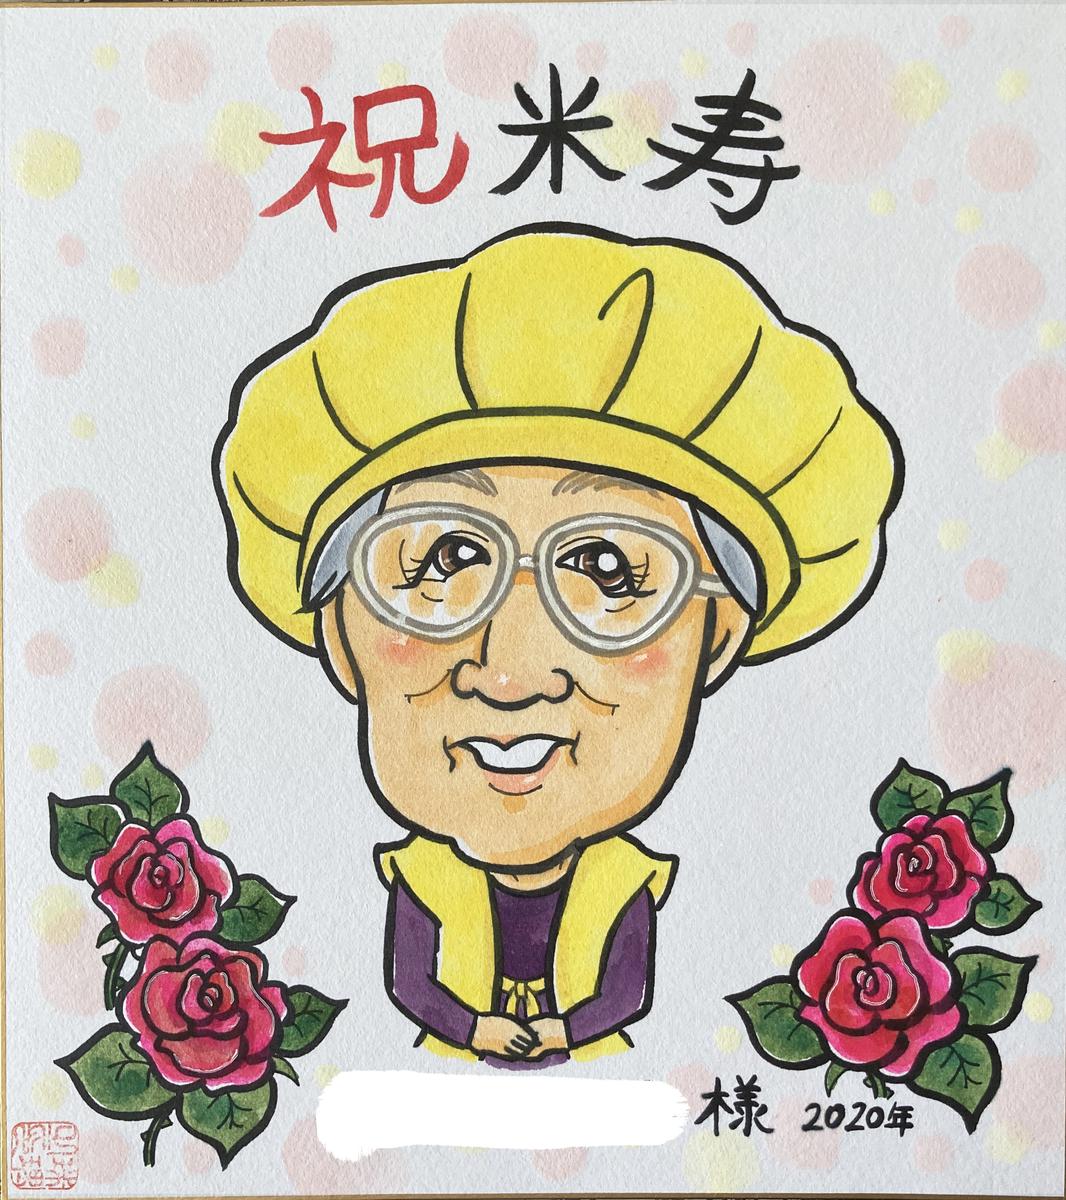 米寿祝の似顔絵、北海道札幌の似顔絵作家高井じゅり、似顔絵ファクトリー